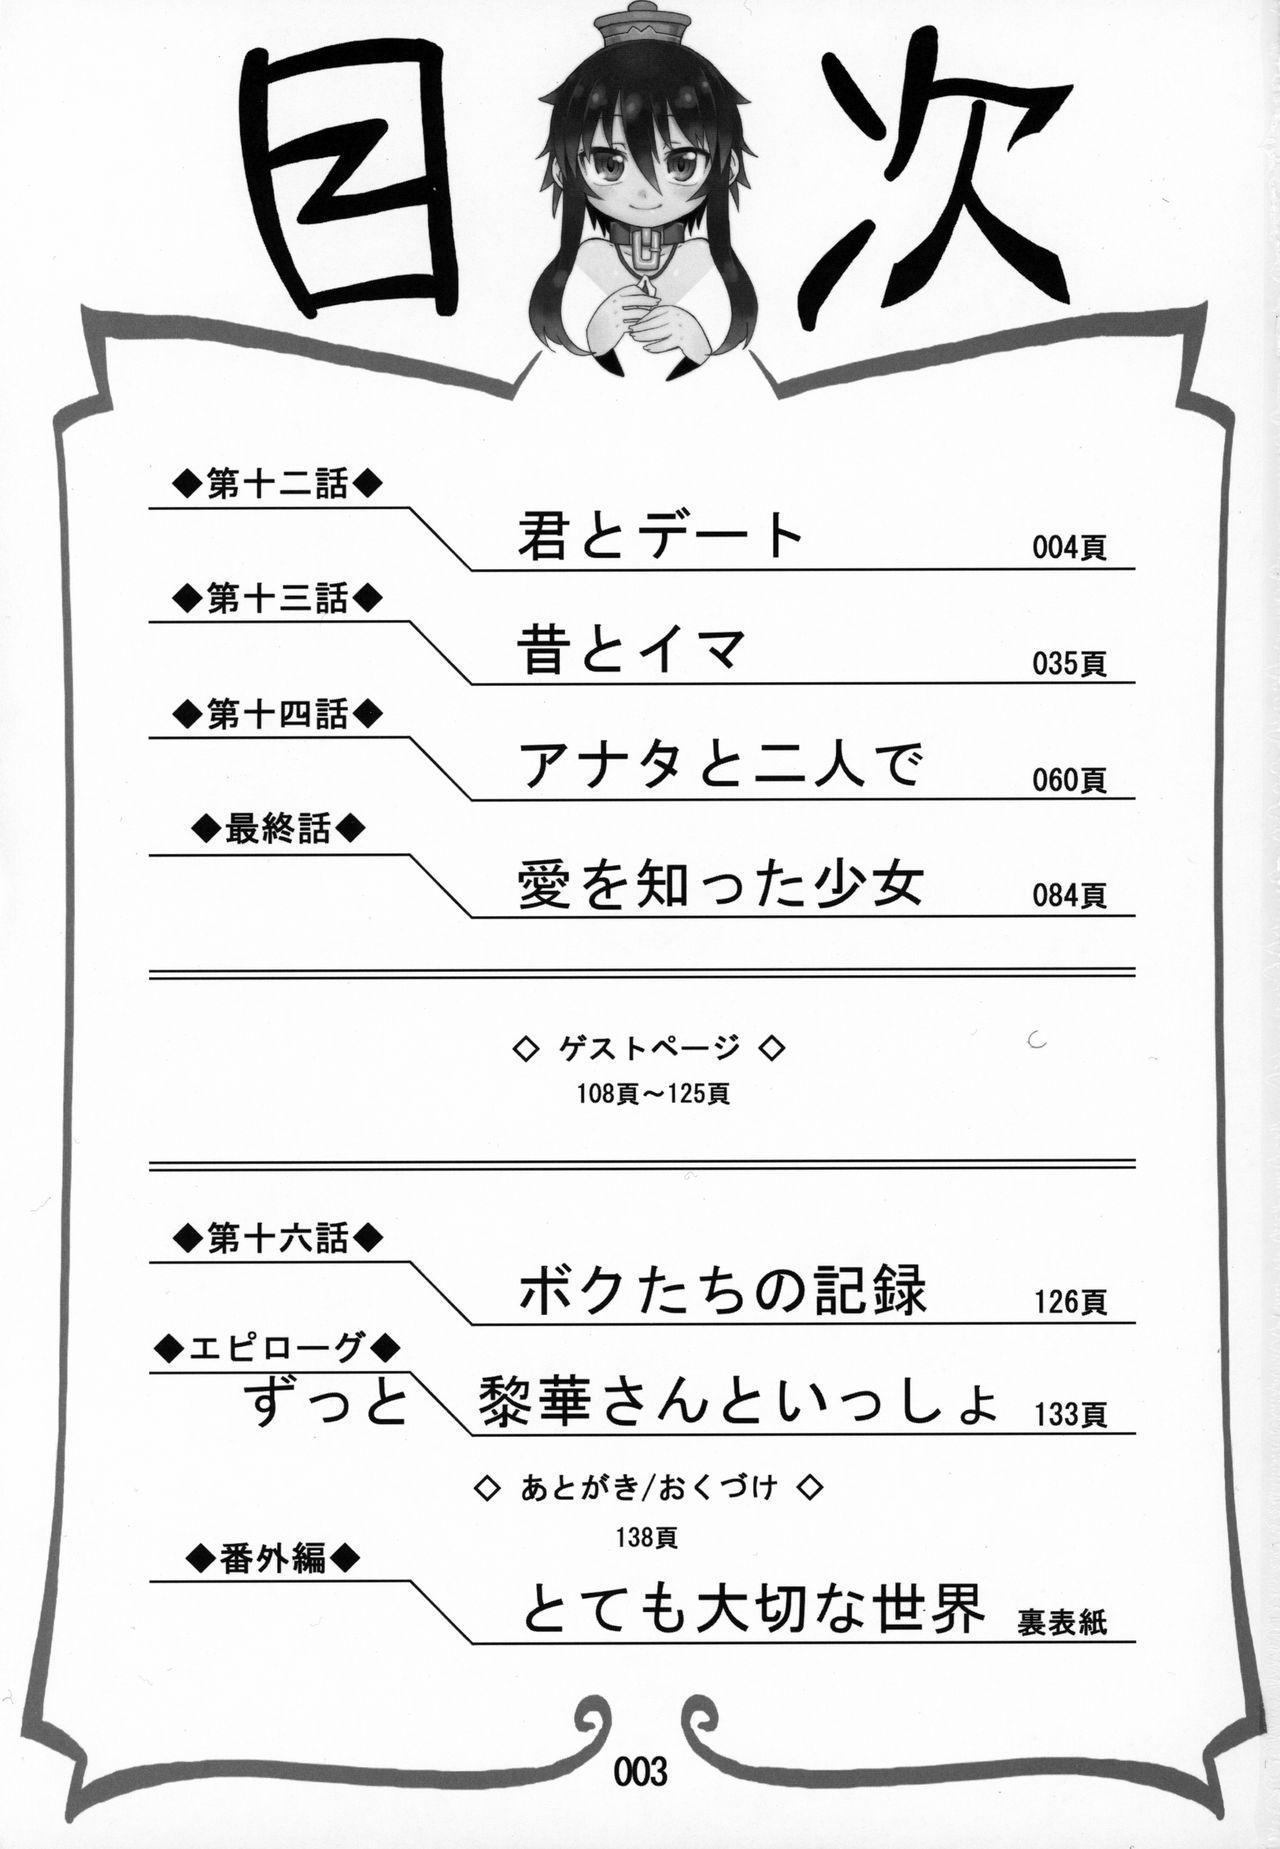 Zutto Reika-san to Issho!!! 1